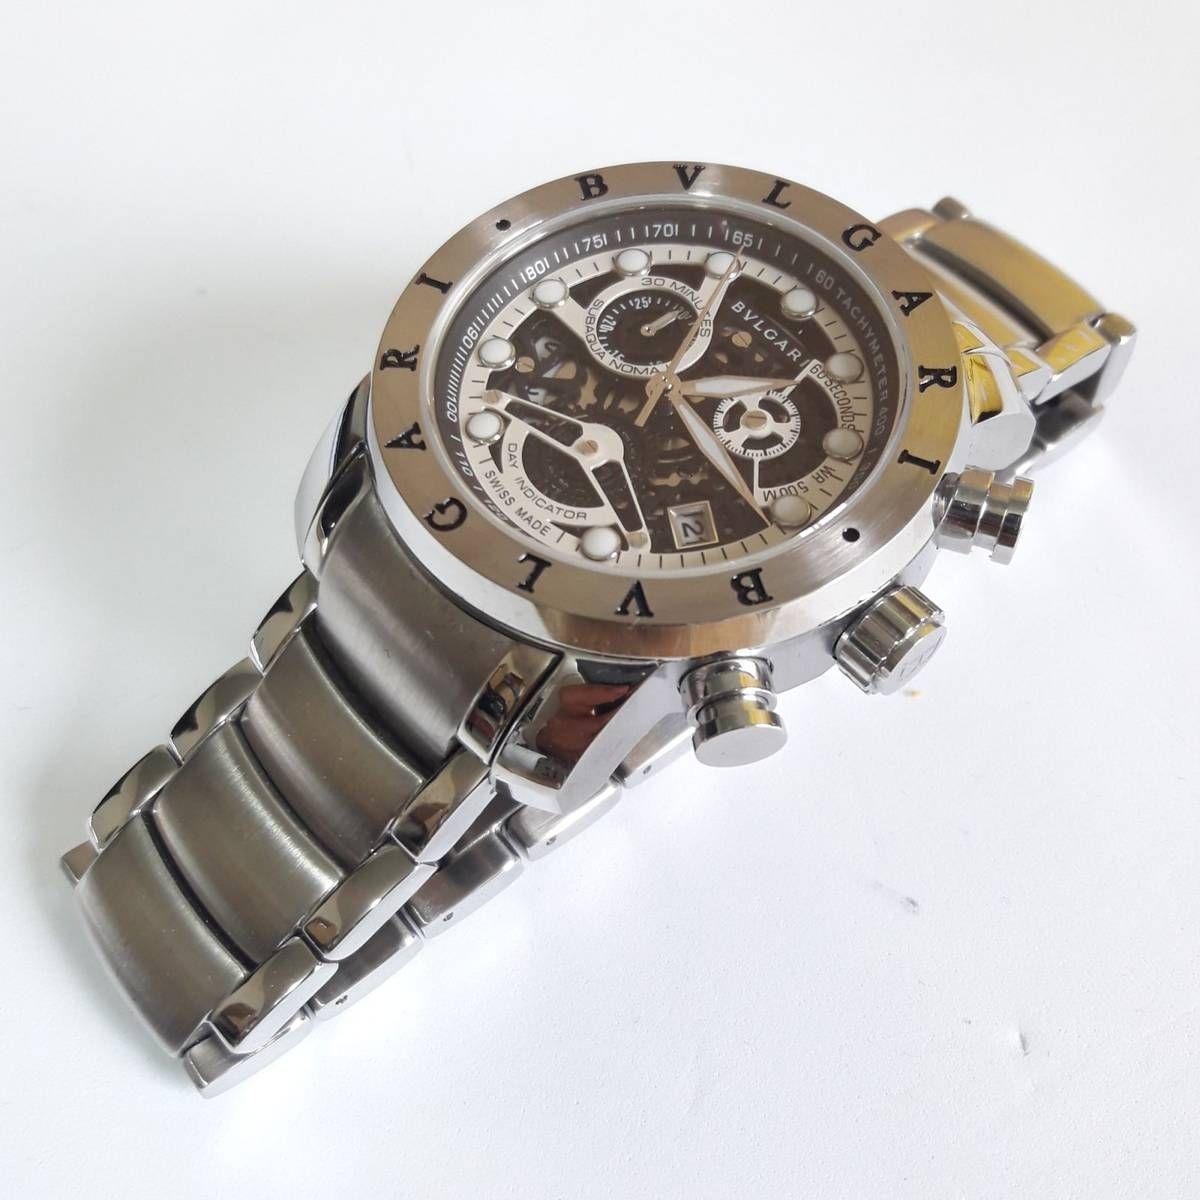 723406b5040 Relógio Bvlgari Subaqua Skeleton Prata com Preto!!!!